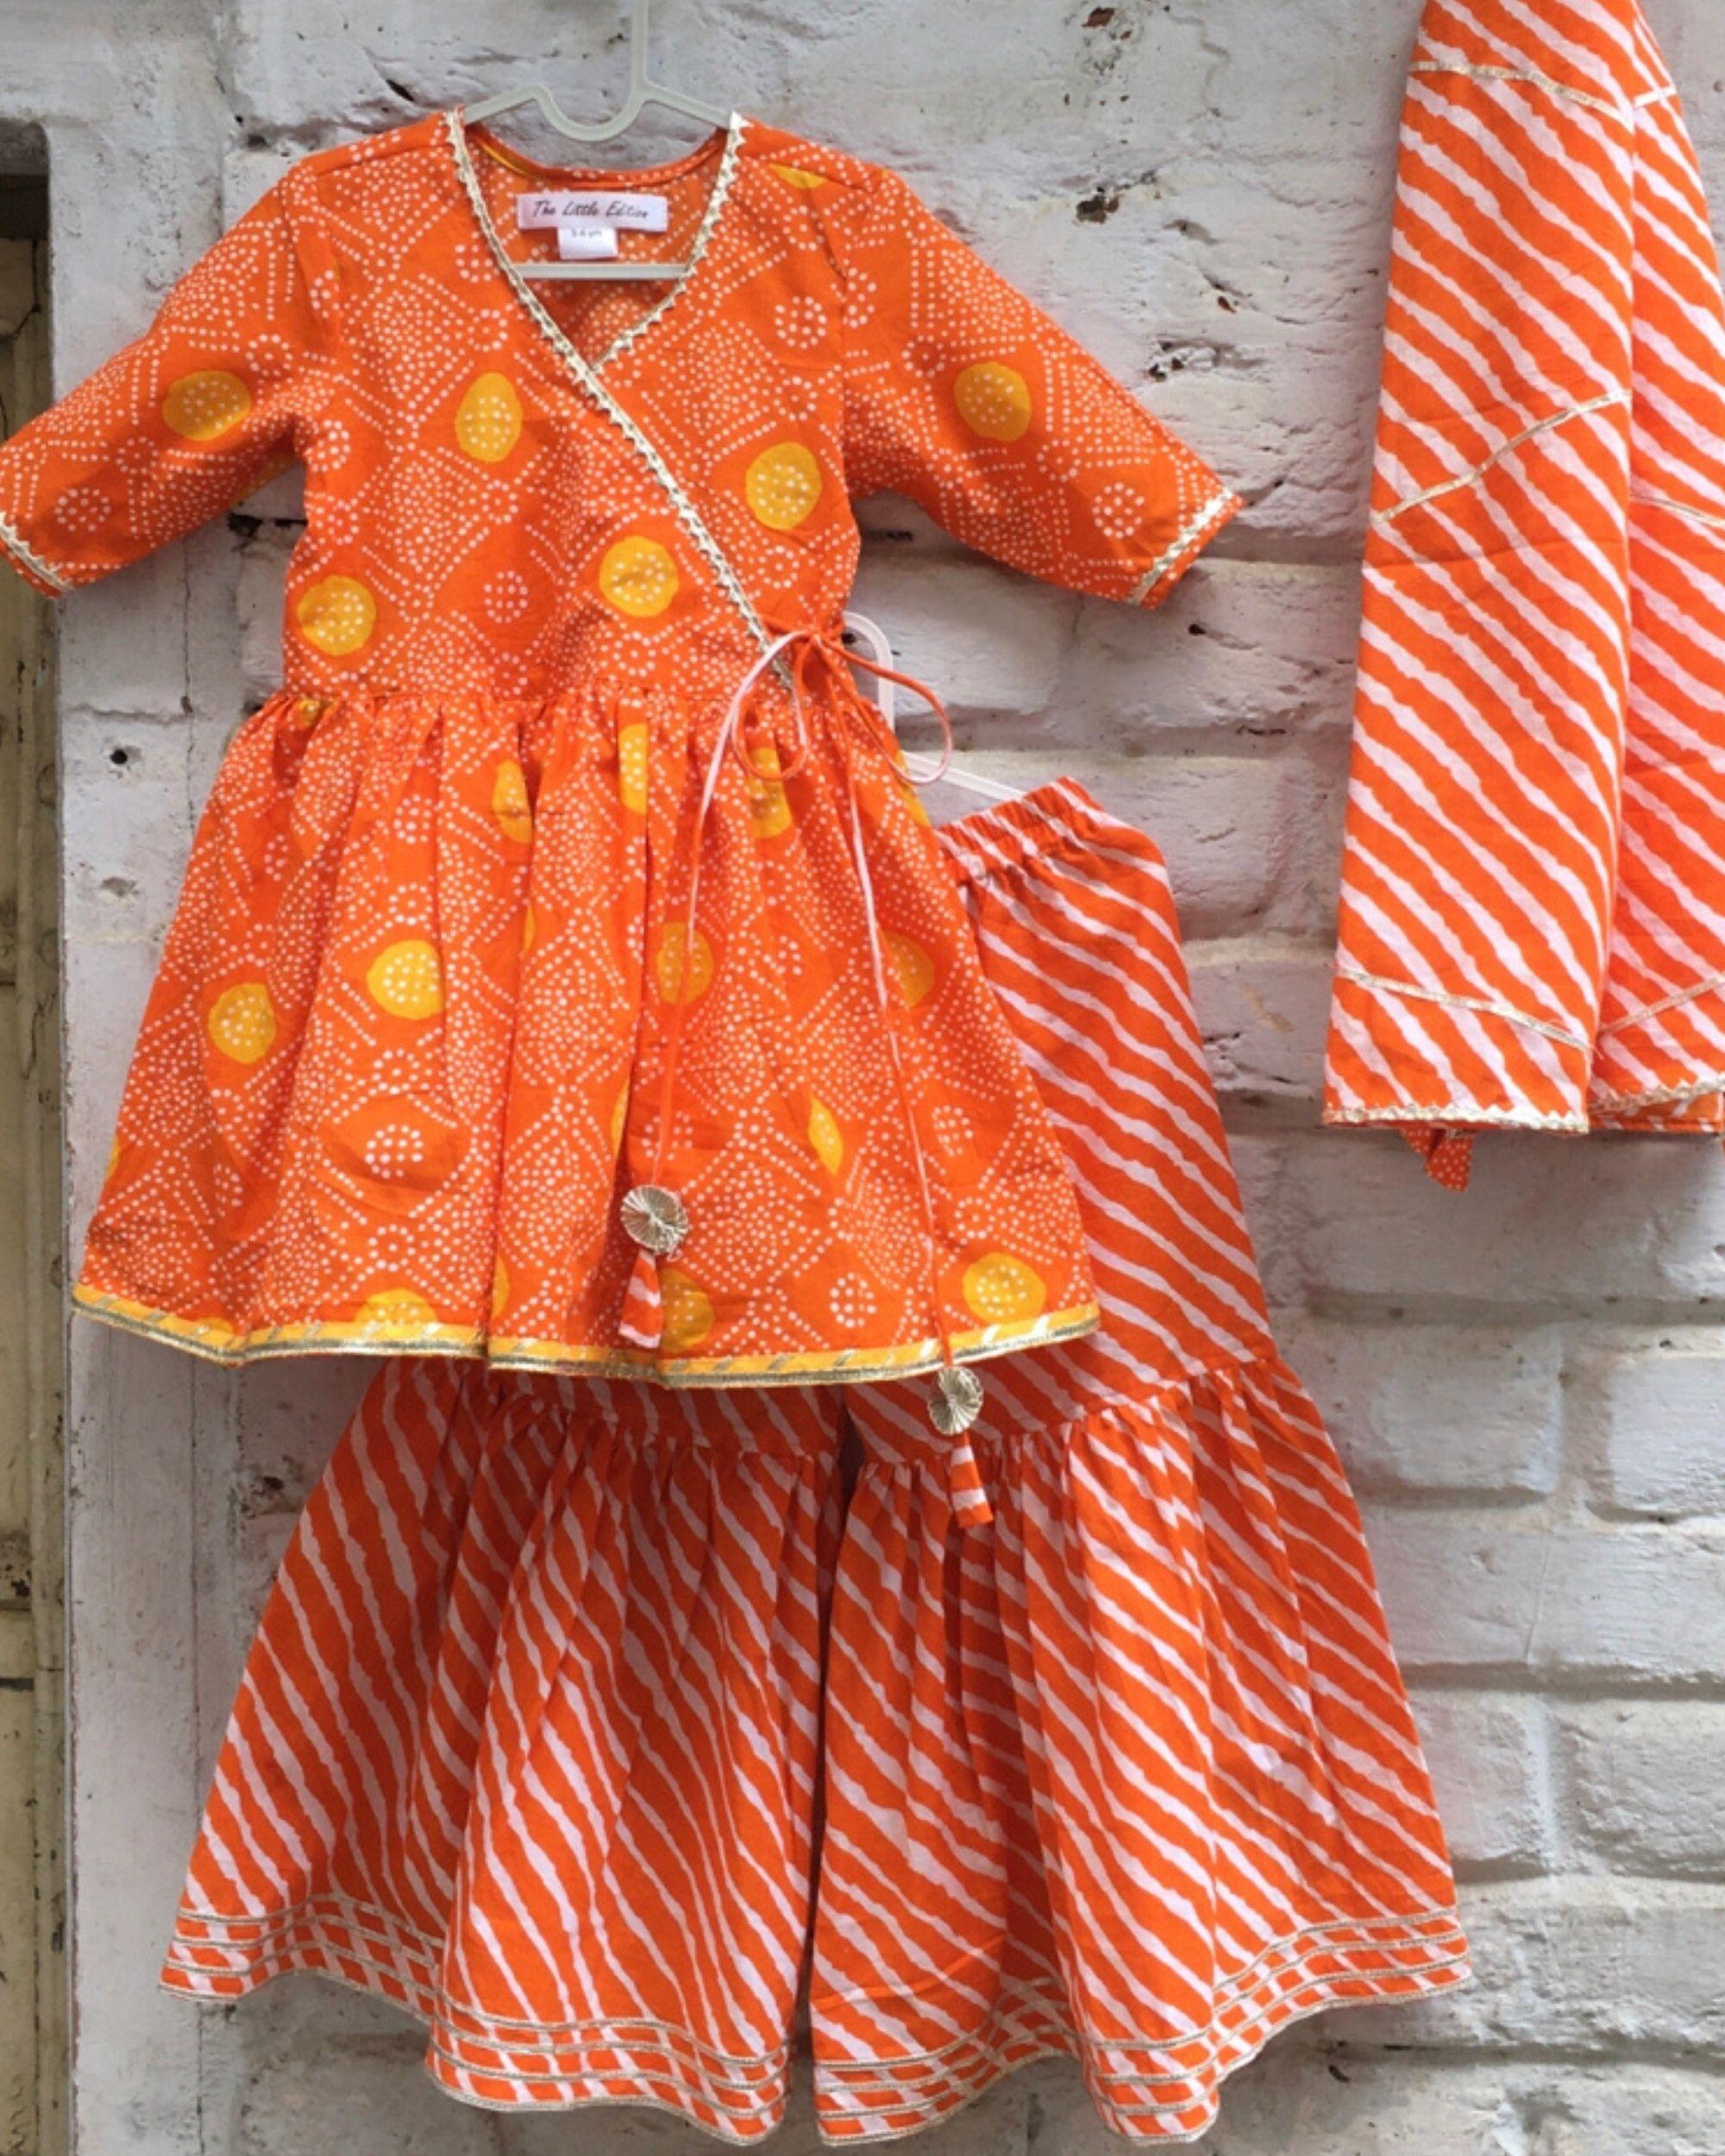 Orange bandhej gota kurta and leheriya sharara with dupatta - set of three